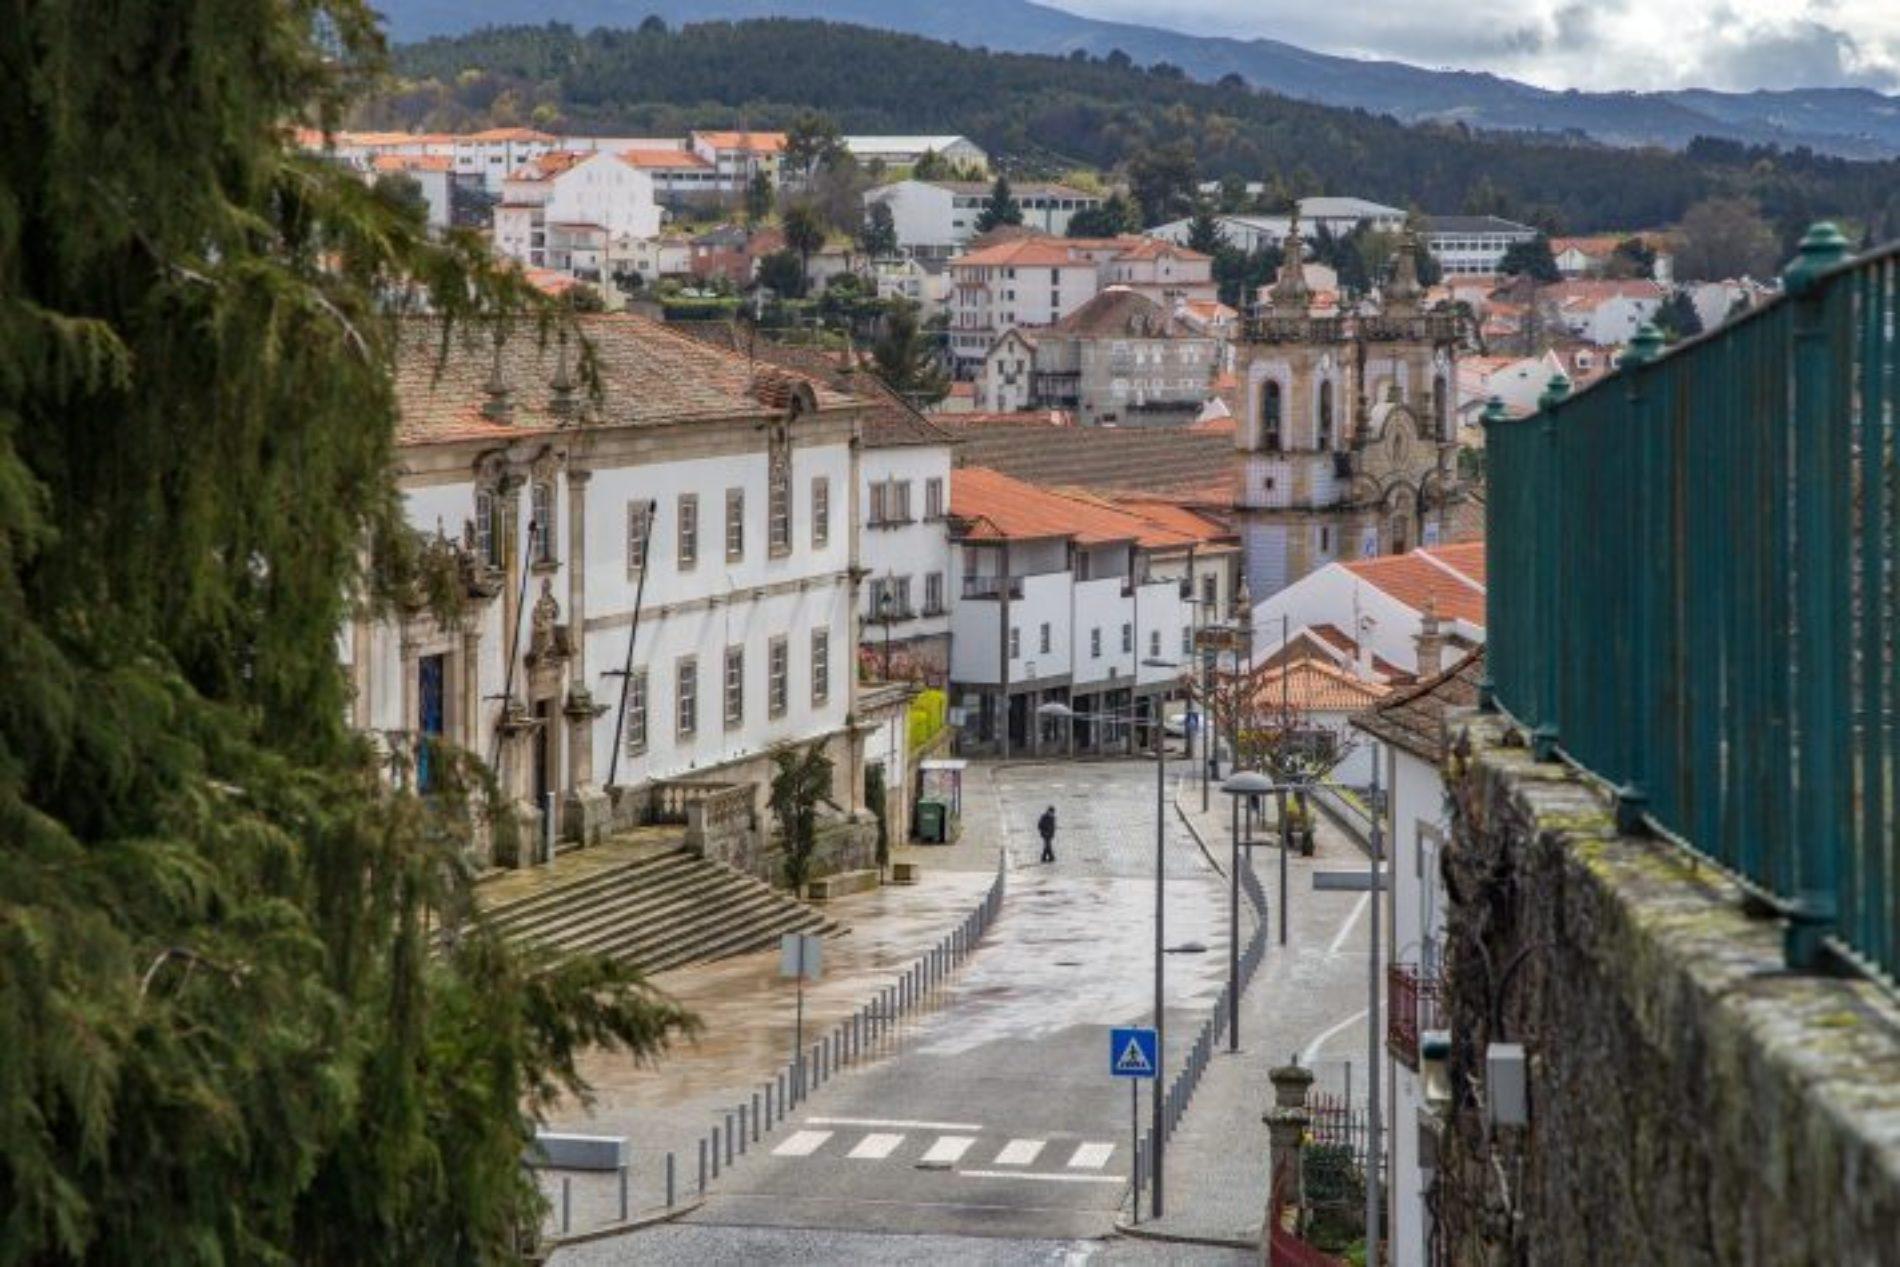 Detetado caso positivo de Covid-19 no concelho de Gouveia